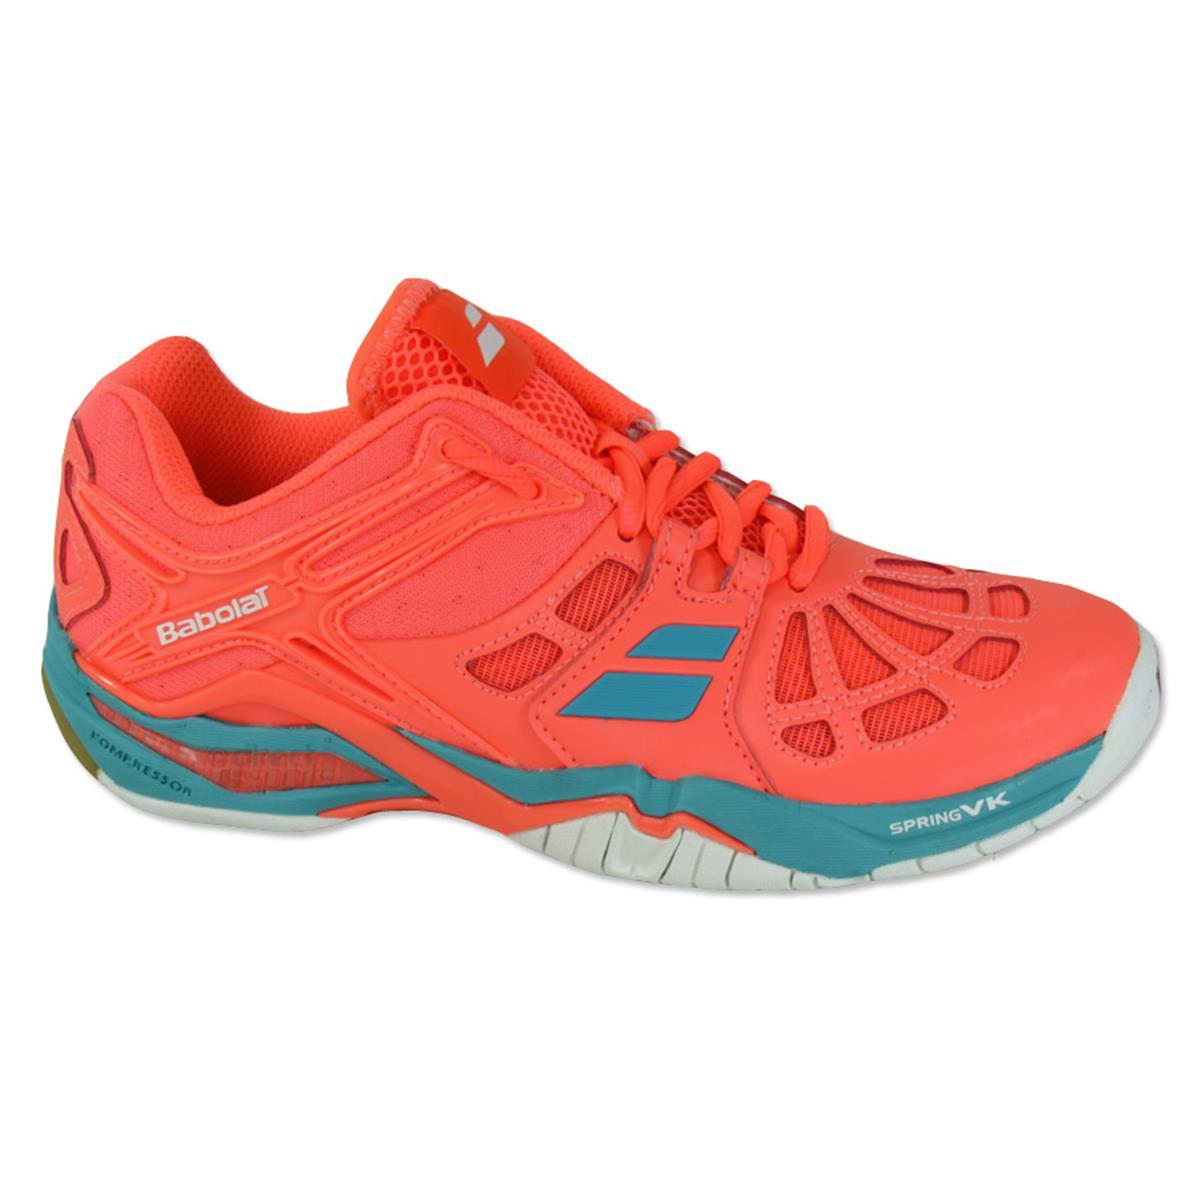 a6bfa9d7d96 Babolat Shadow 2 Womens Court Shoes (Fluor Pink ...